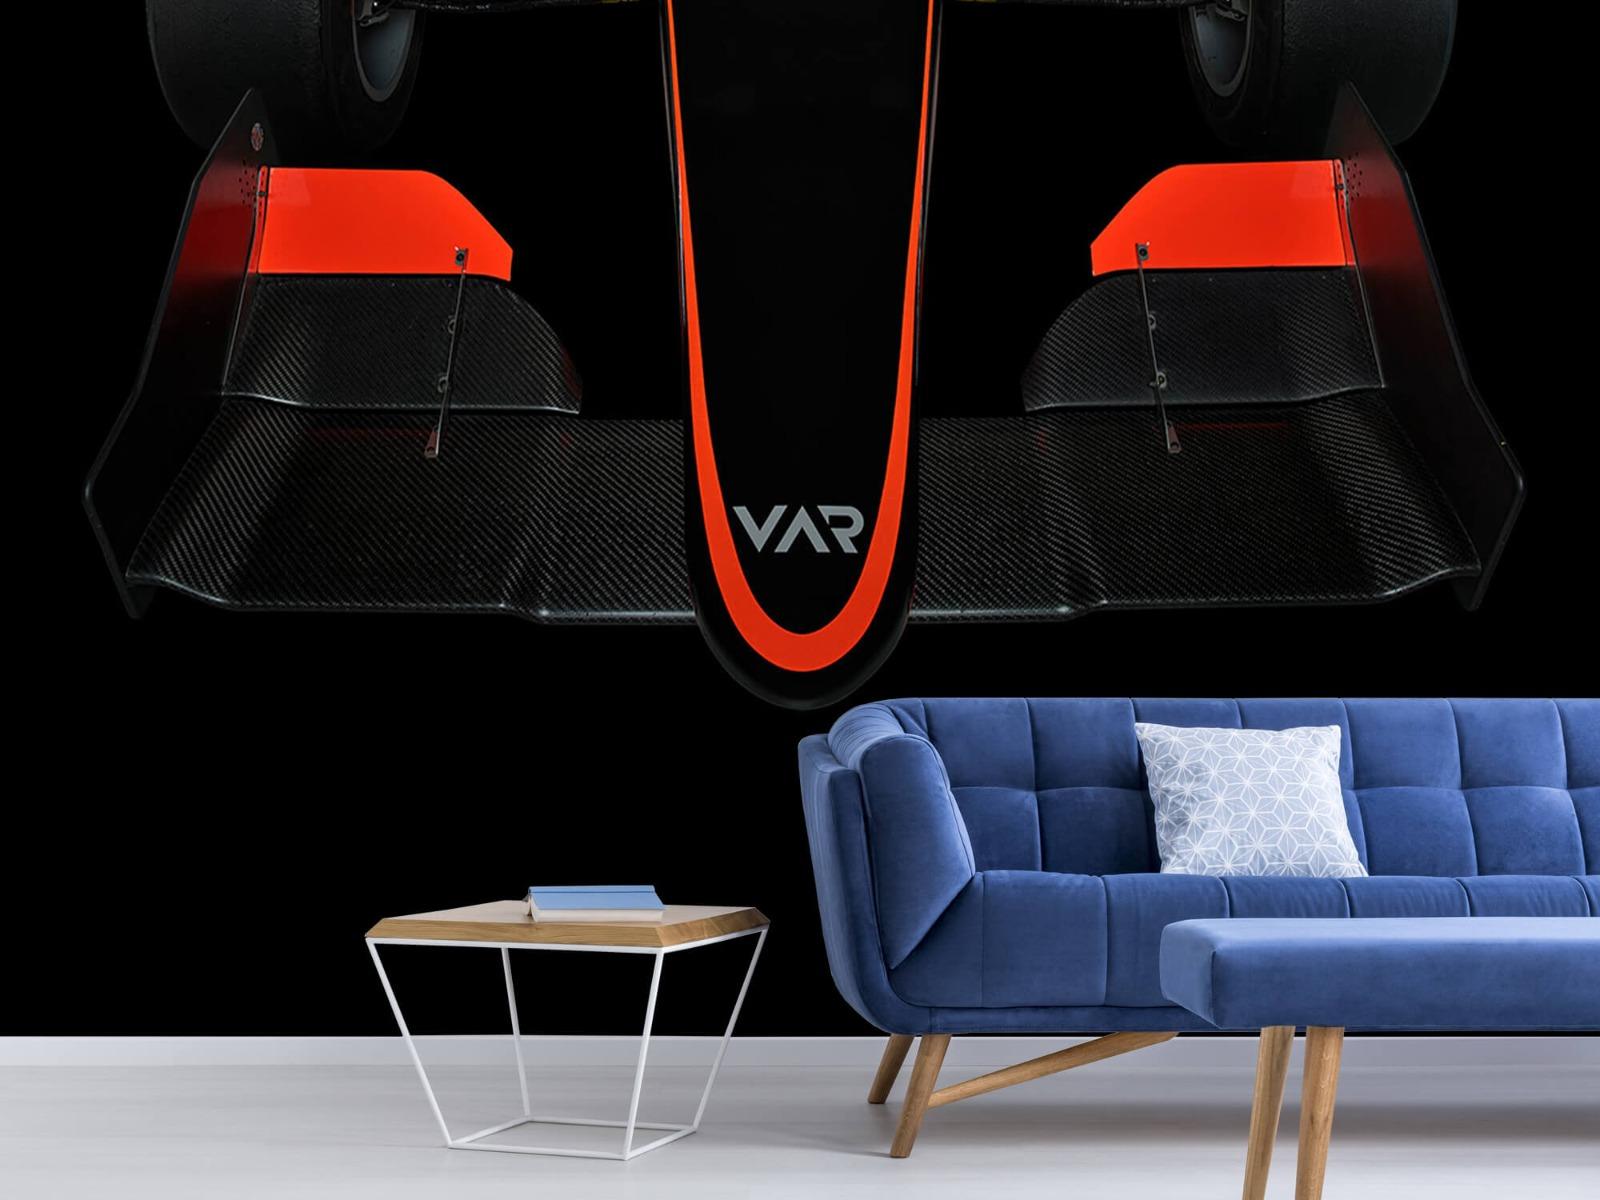 Sportauto's - Formule 3 - Front view - dark - Tienerkamer 5